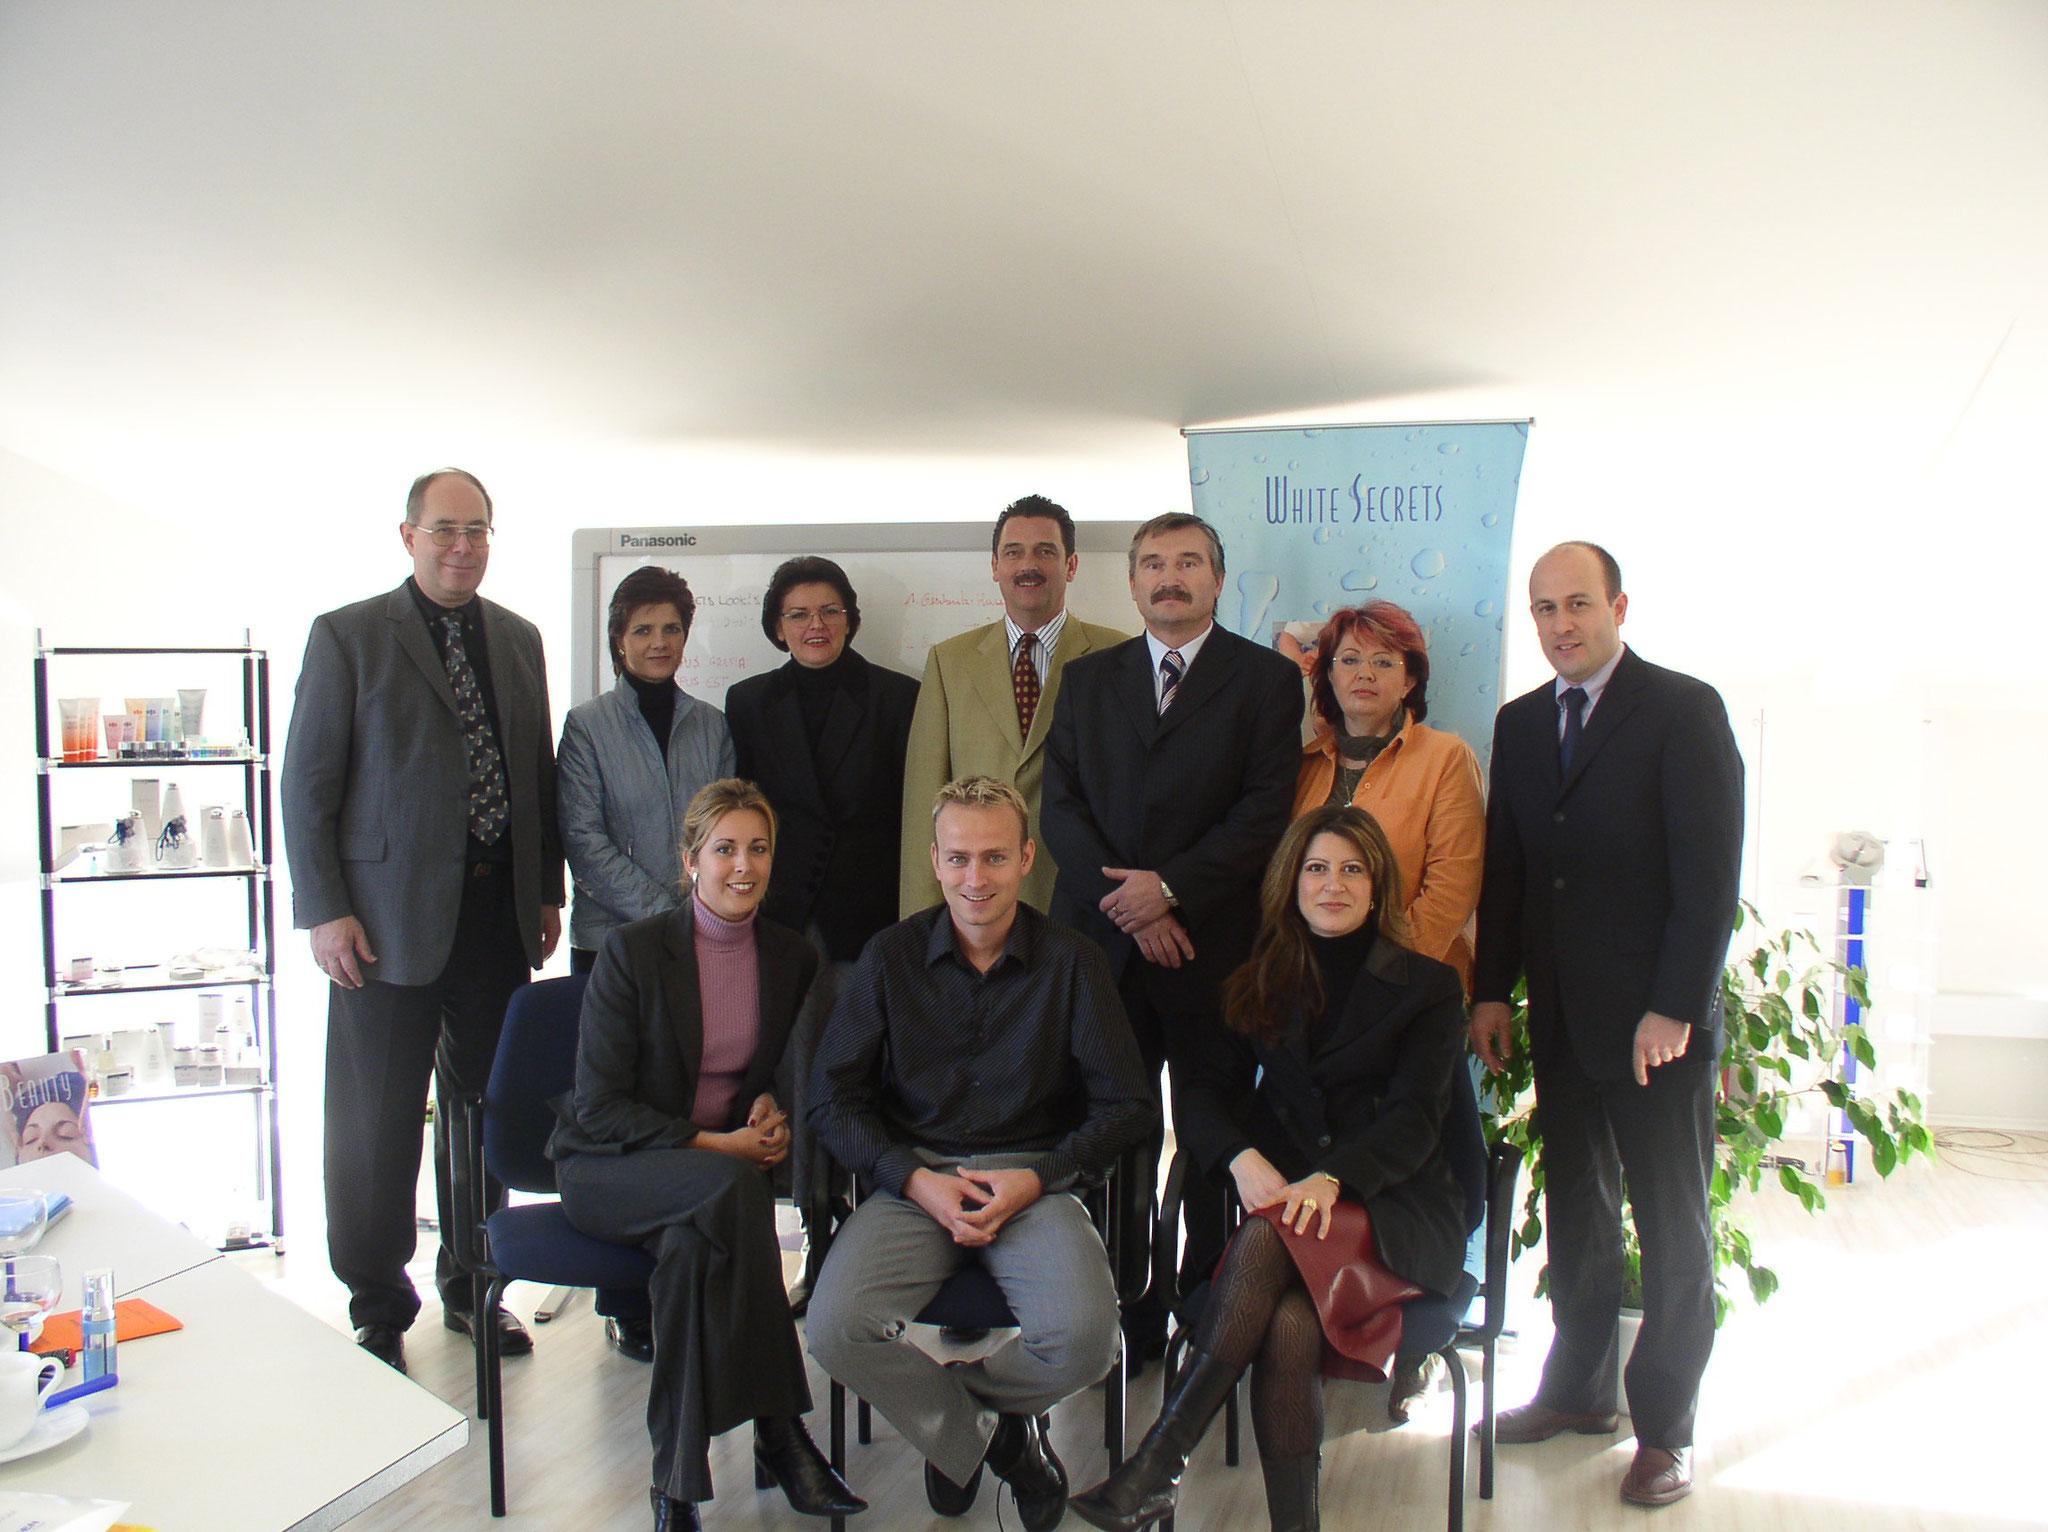 Distributor Meeting in Aachen 2003